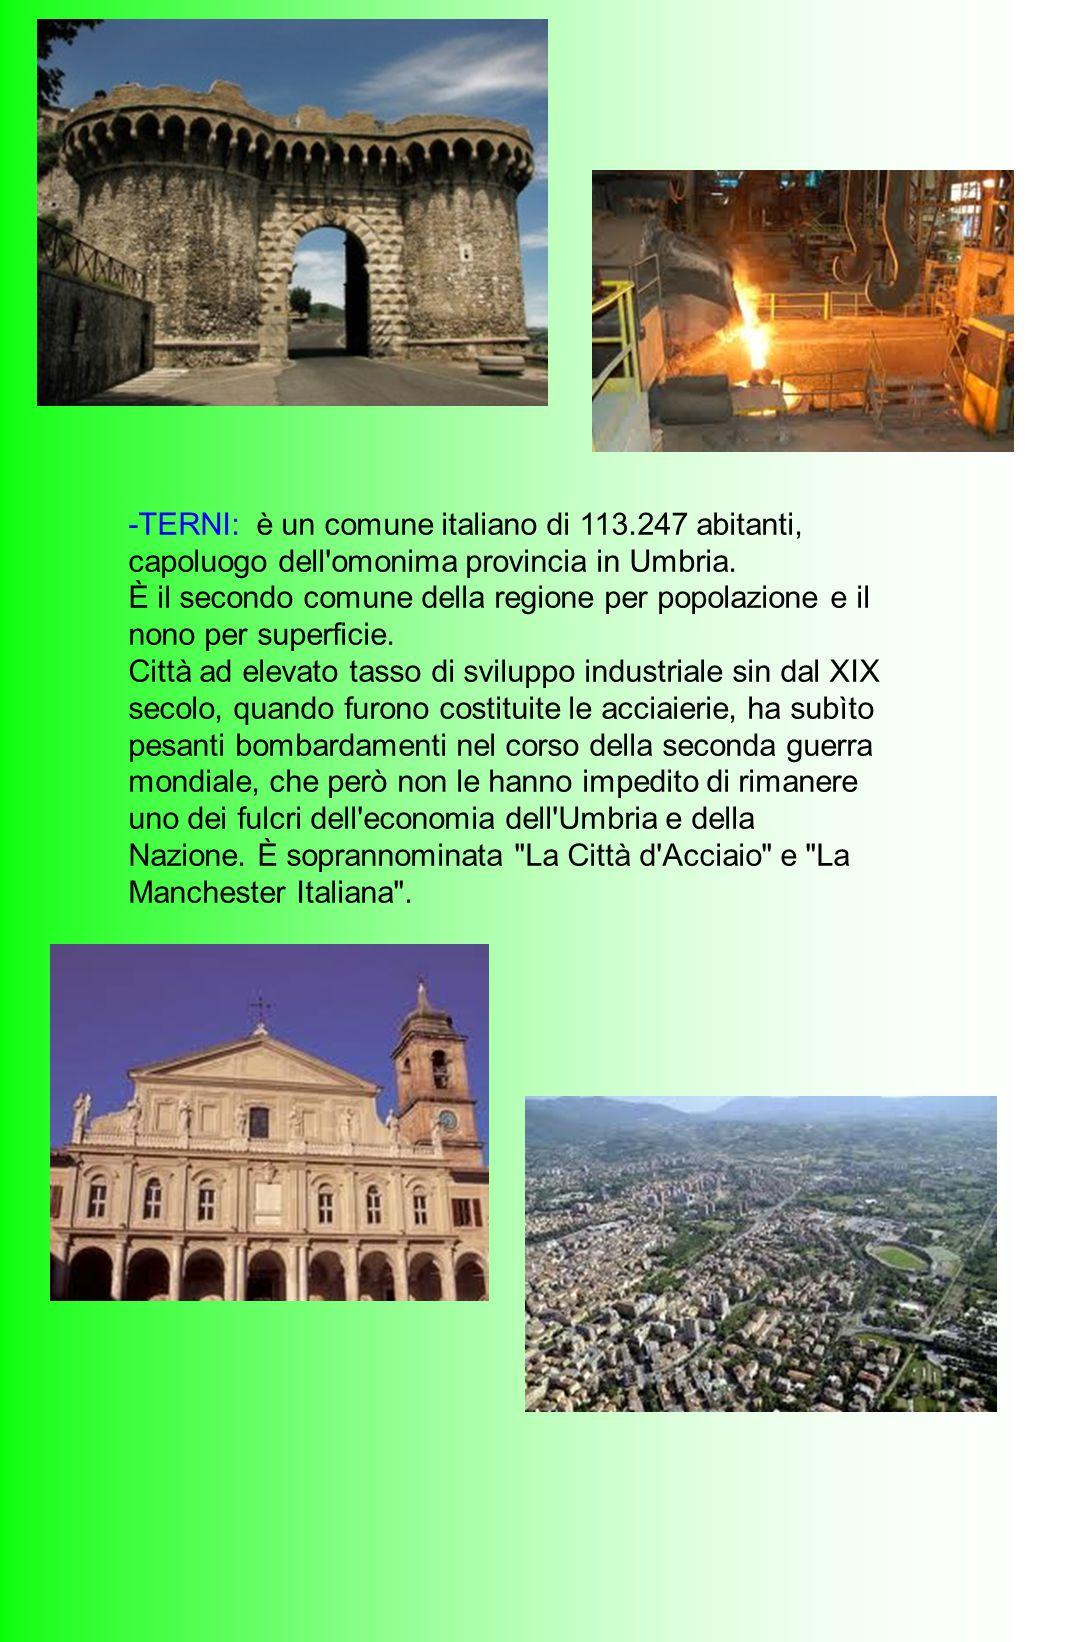 -TERNI: è un comune italiano di 113.247 abitanti, capoluogo dell'omonima provincia in Umbria. È il secondo comune della regione per popolazione e il n